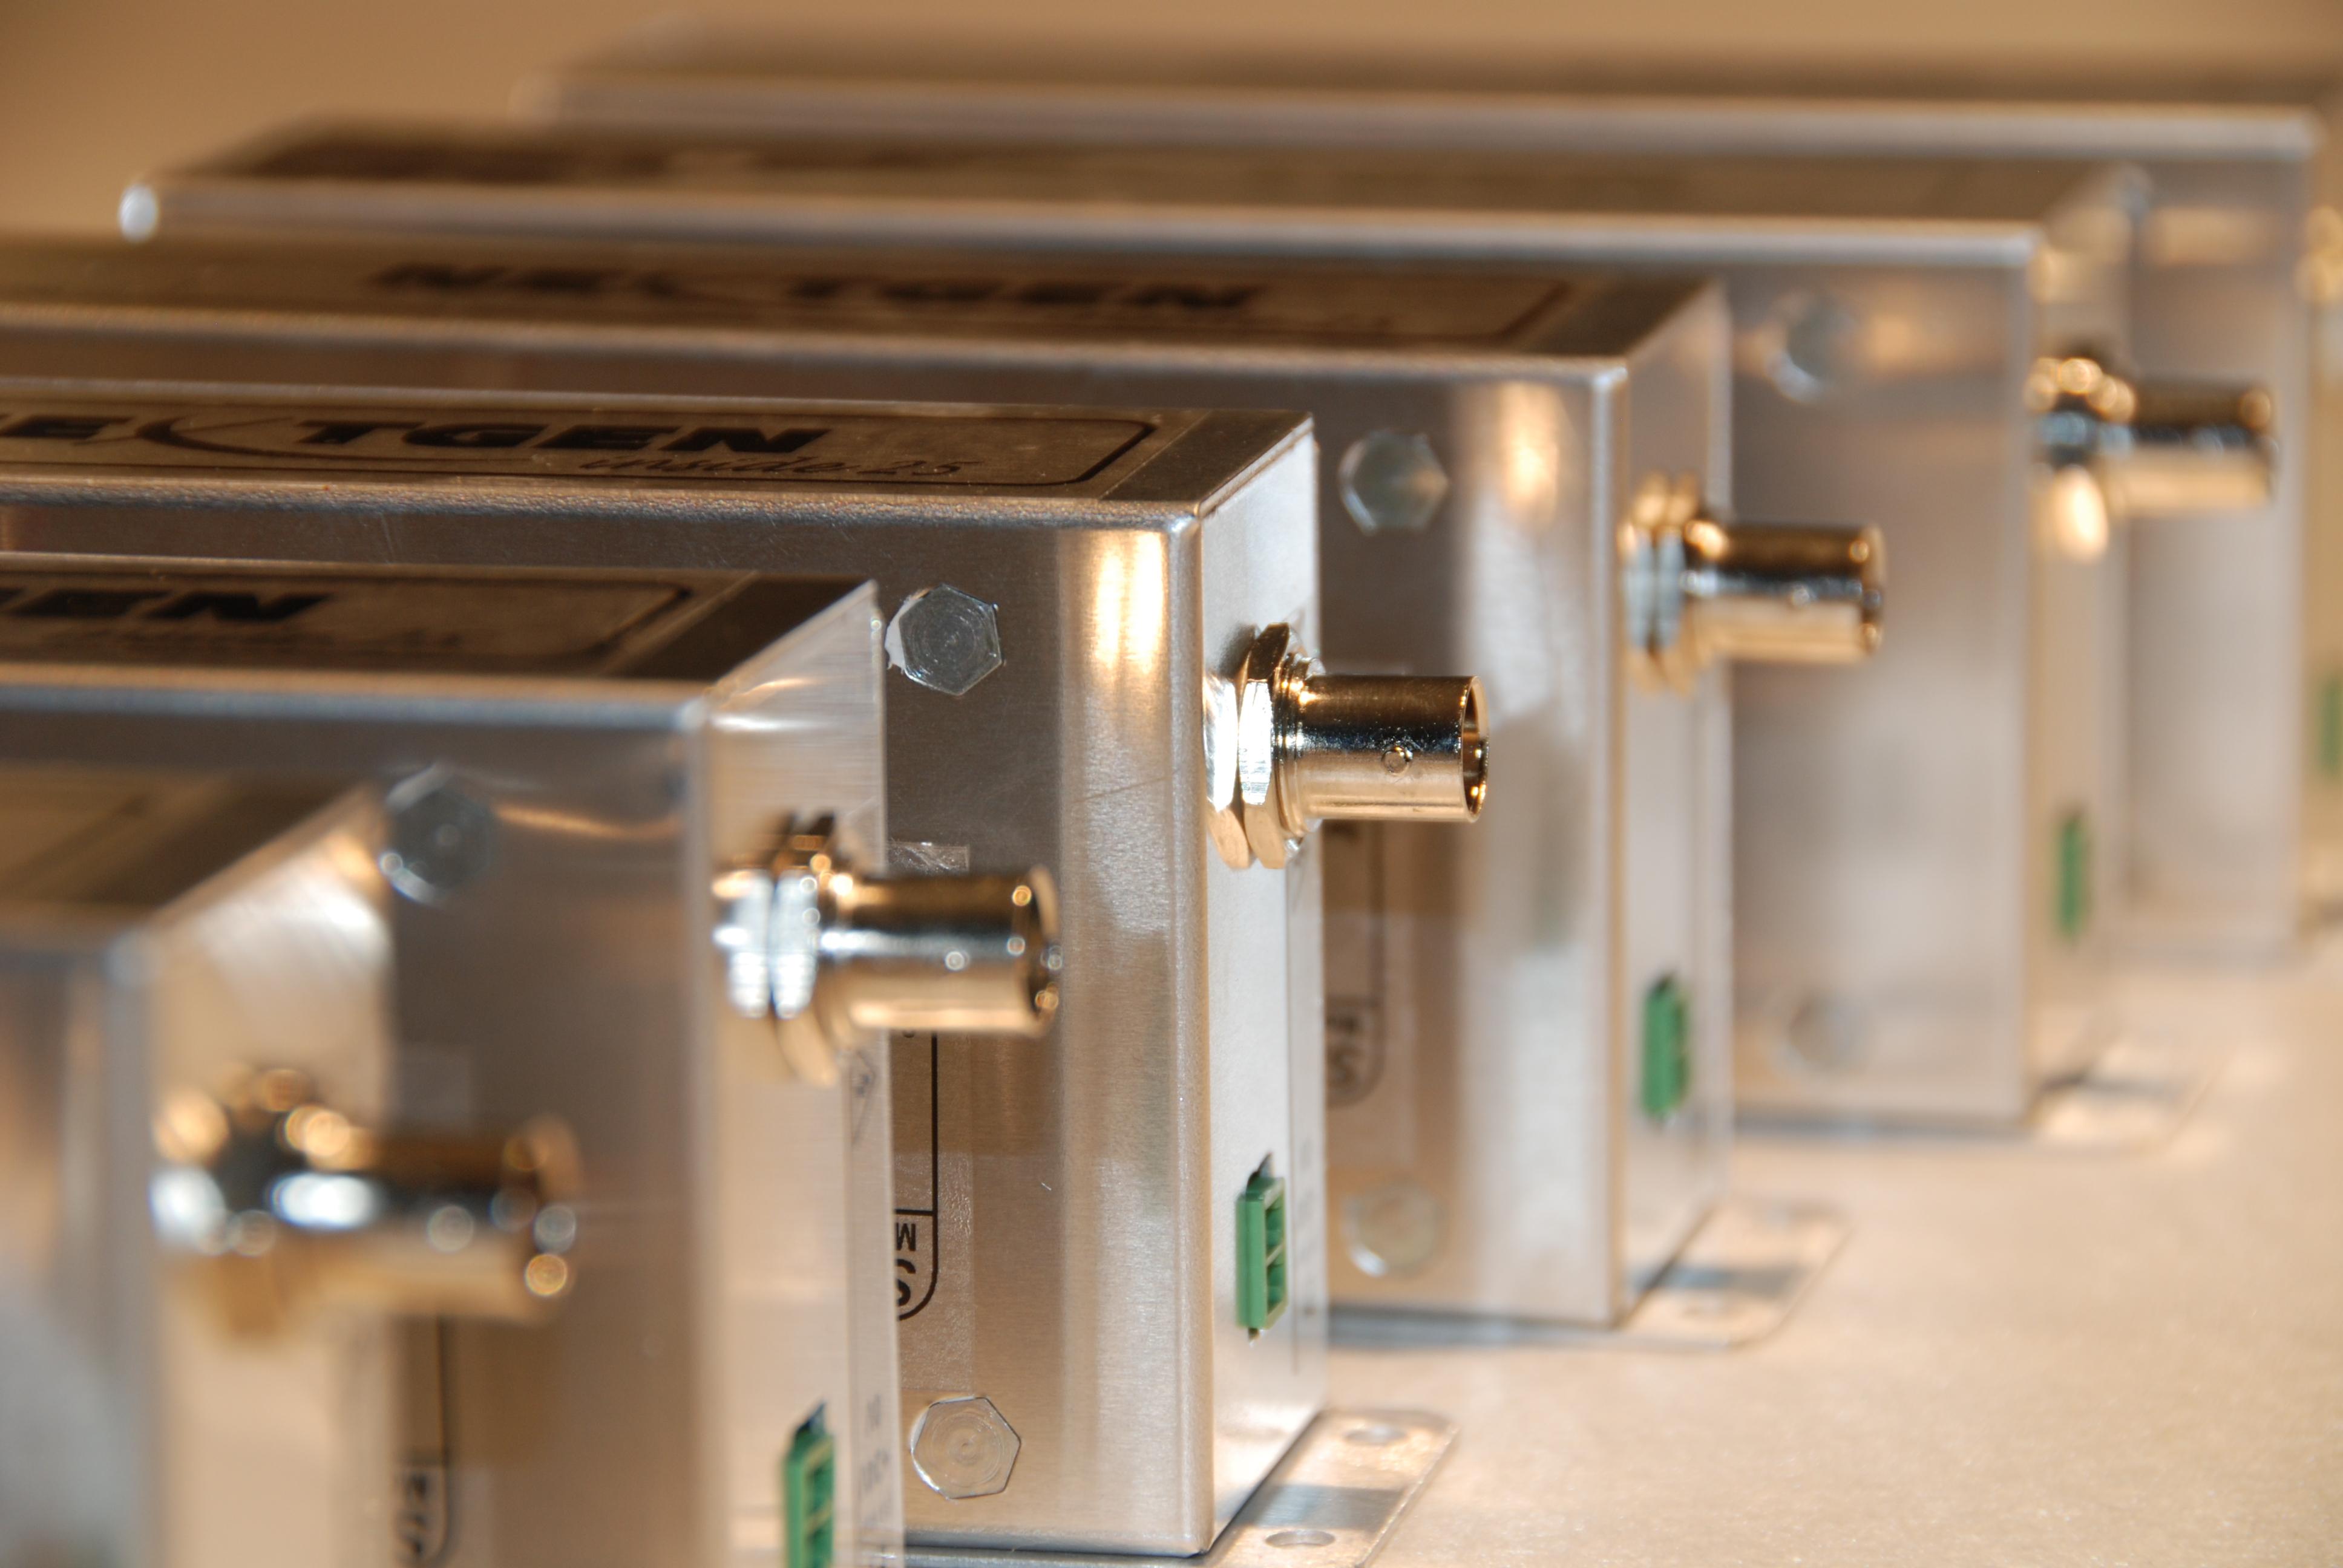 modules et composants nextgen